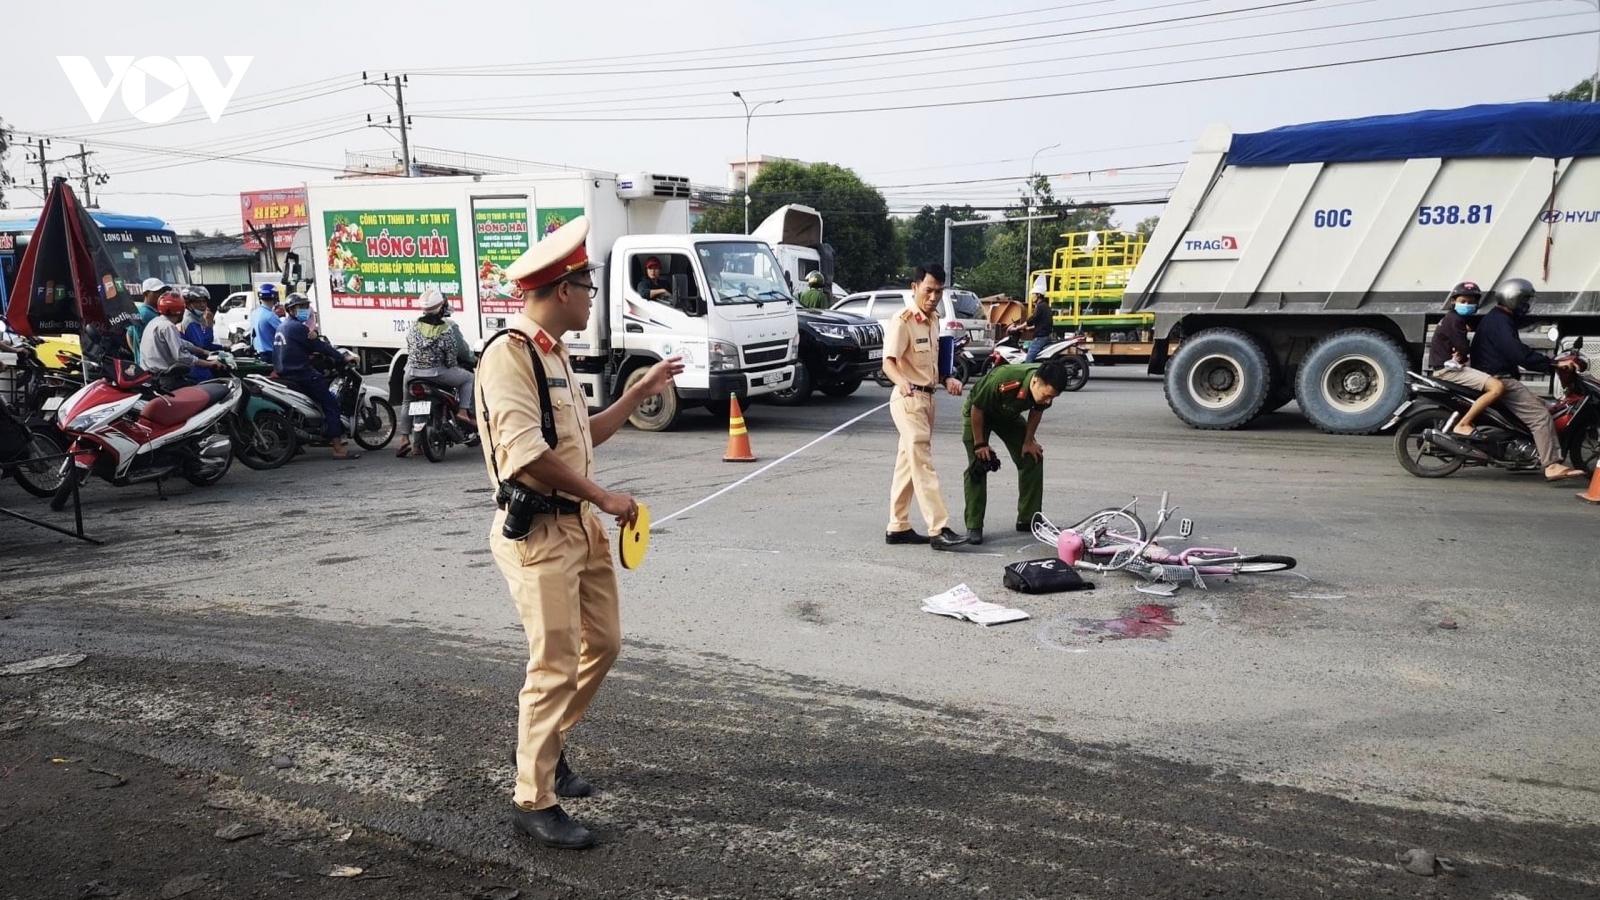 Tai nạn giao thôngở Quốc lộ 51 đoạn qua Bà Rịa Vũng Tàu tăng do đâu?